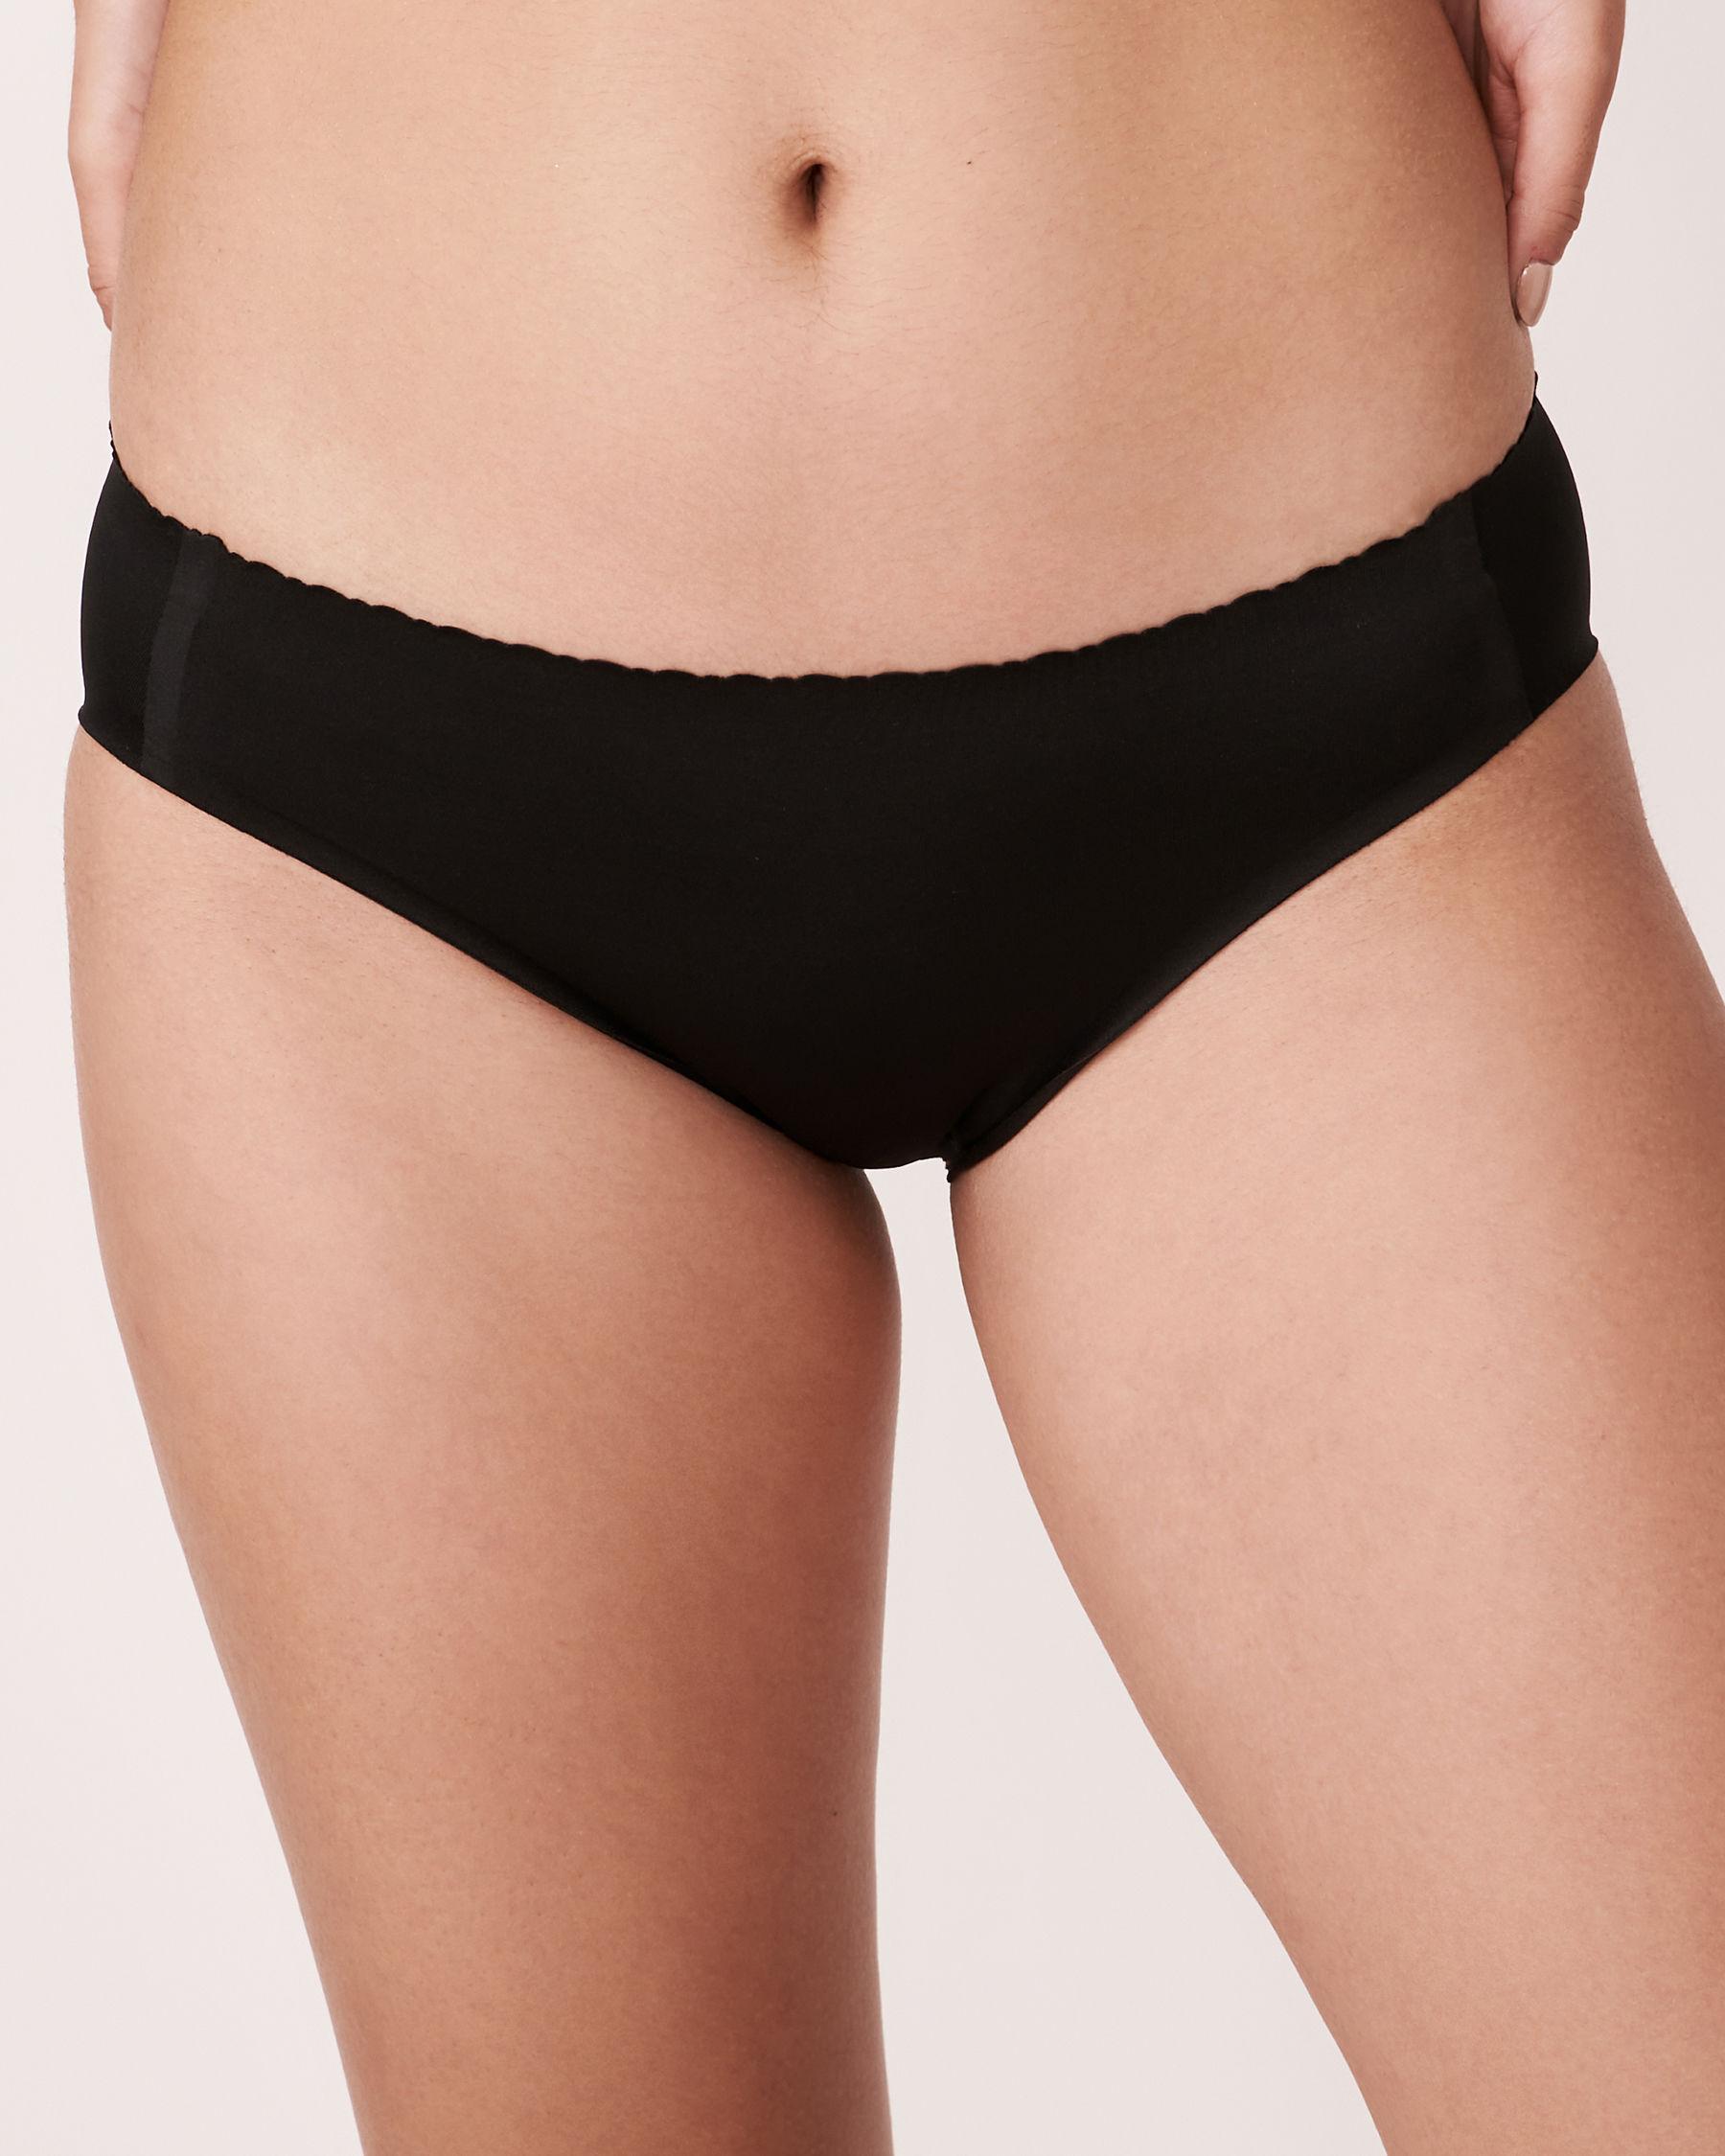 LA VIE EN ROSE Culotte bikini sans coutures Noir 712-122-0-00 - Voir1